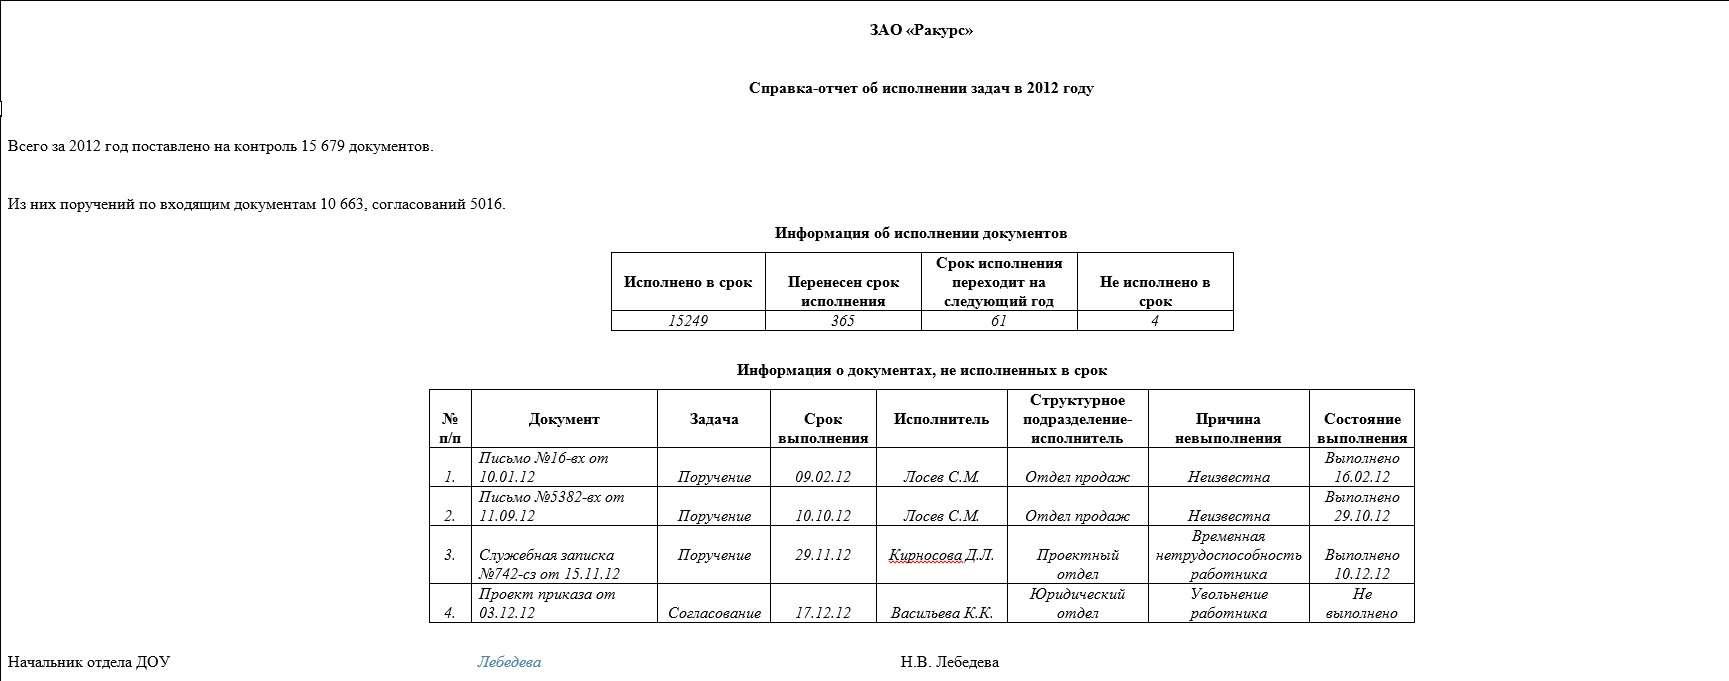 Отчет по практике документационное обеспечение управления Другие отчеты по практике по предмету Менеджмент Документационное обеспечение управления и бизнеспроцессов в организации МУ ПТДС МО г